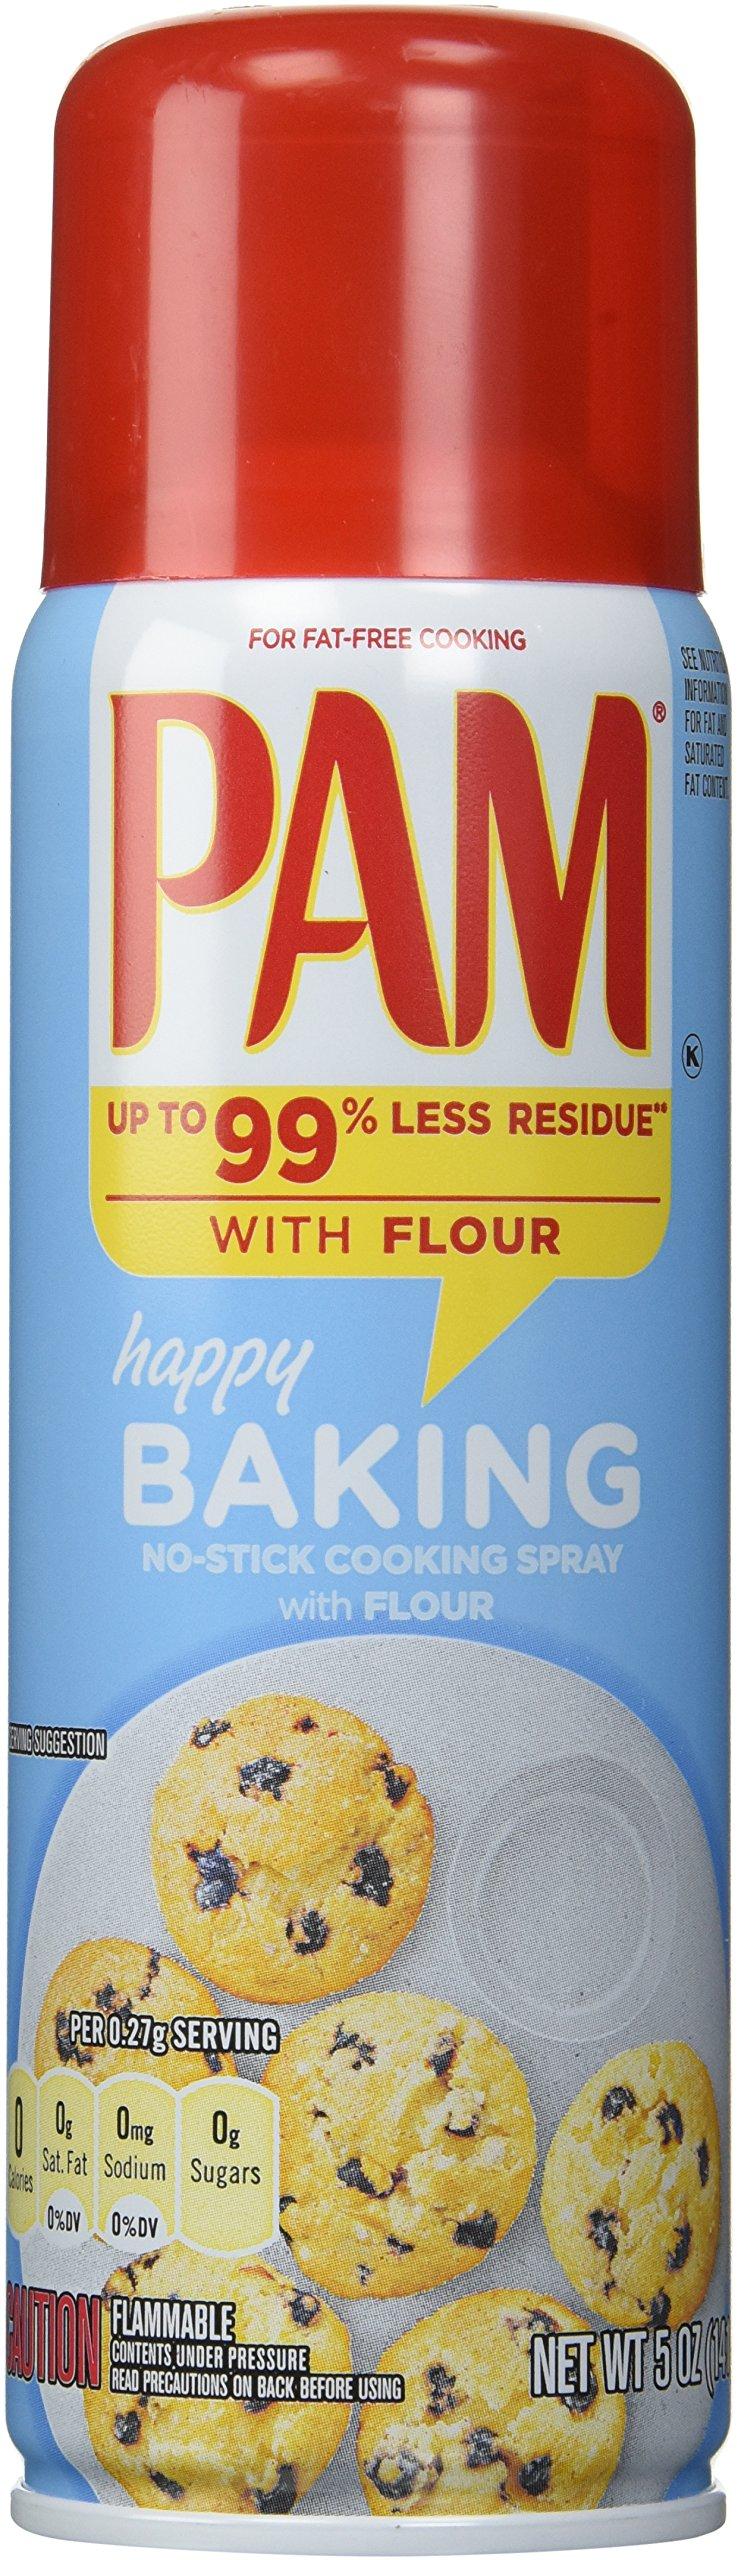 Pam Cooking Spray, Baking, 5 oz, 2pk